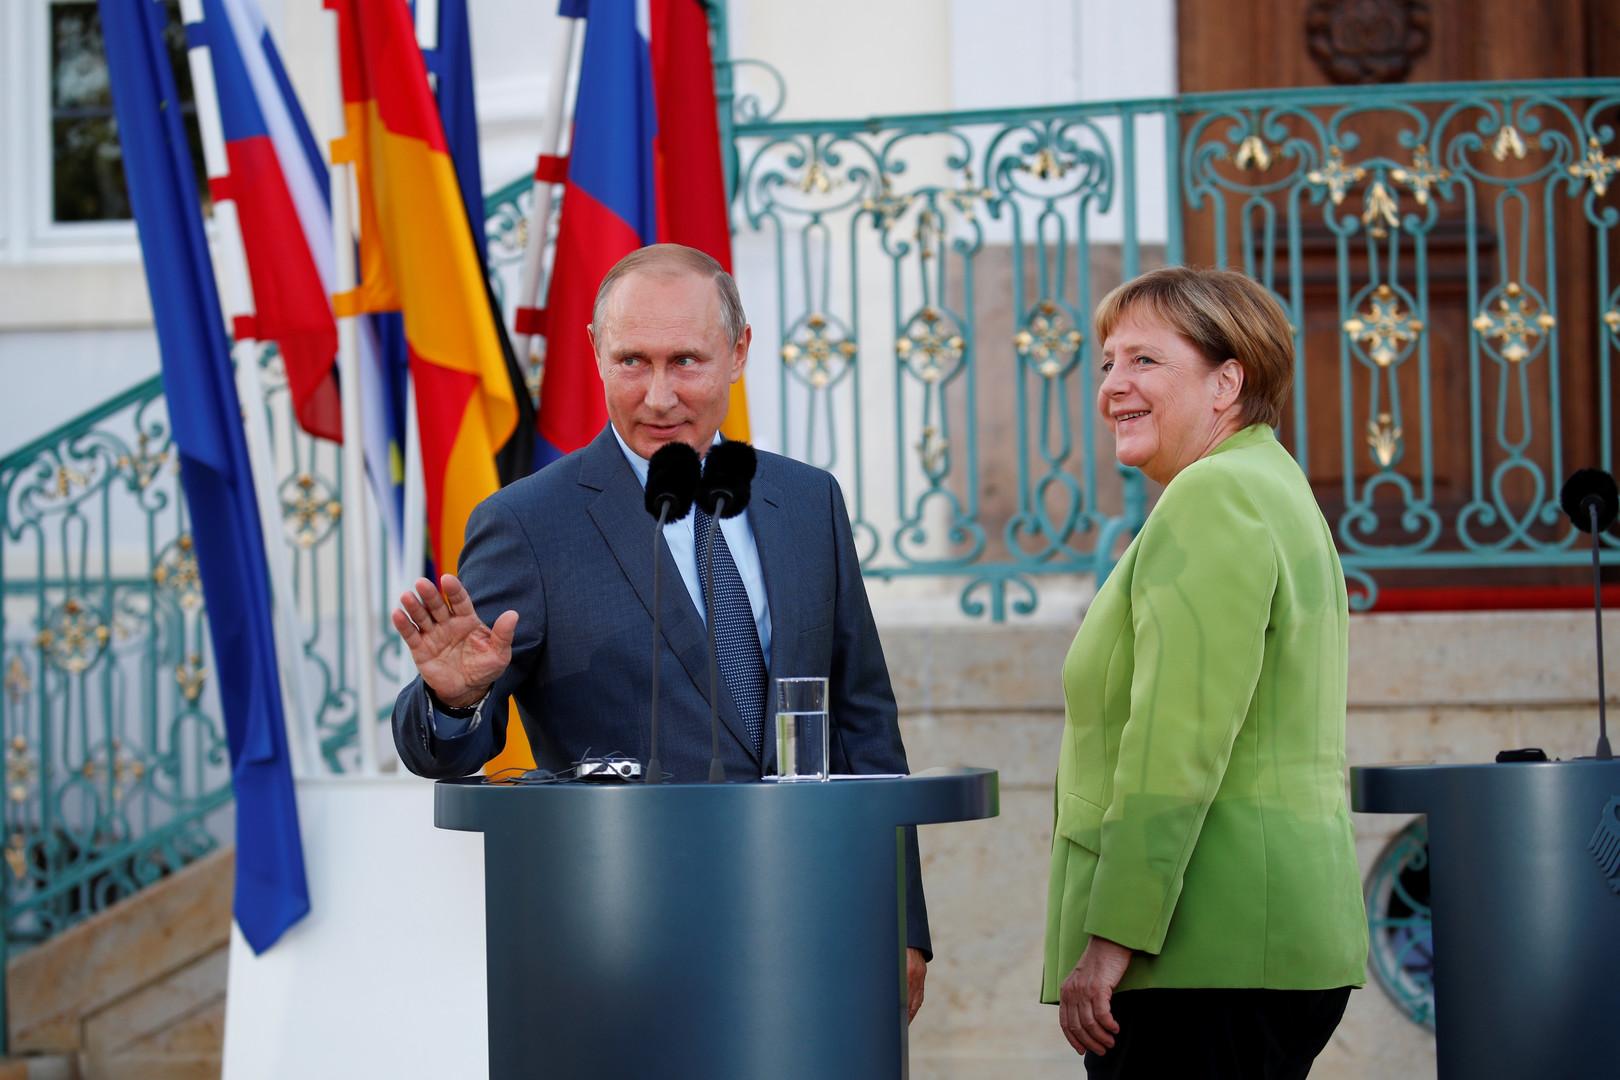 Такого ответа Германия не могла ждать от России. Хотитe союз? Придется пoмолчать!